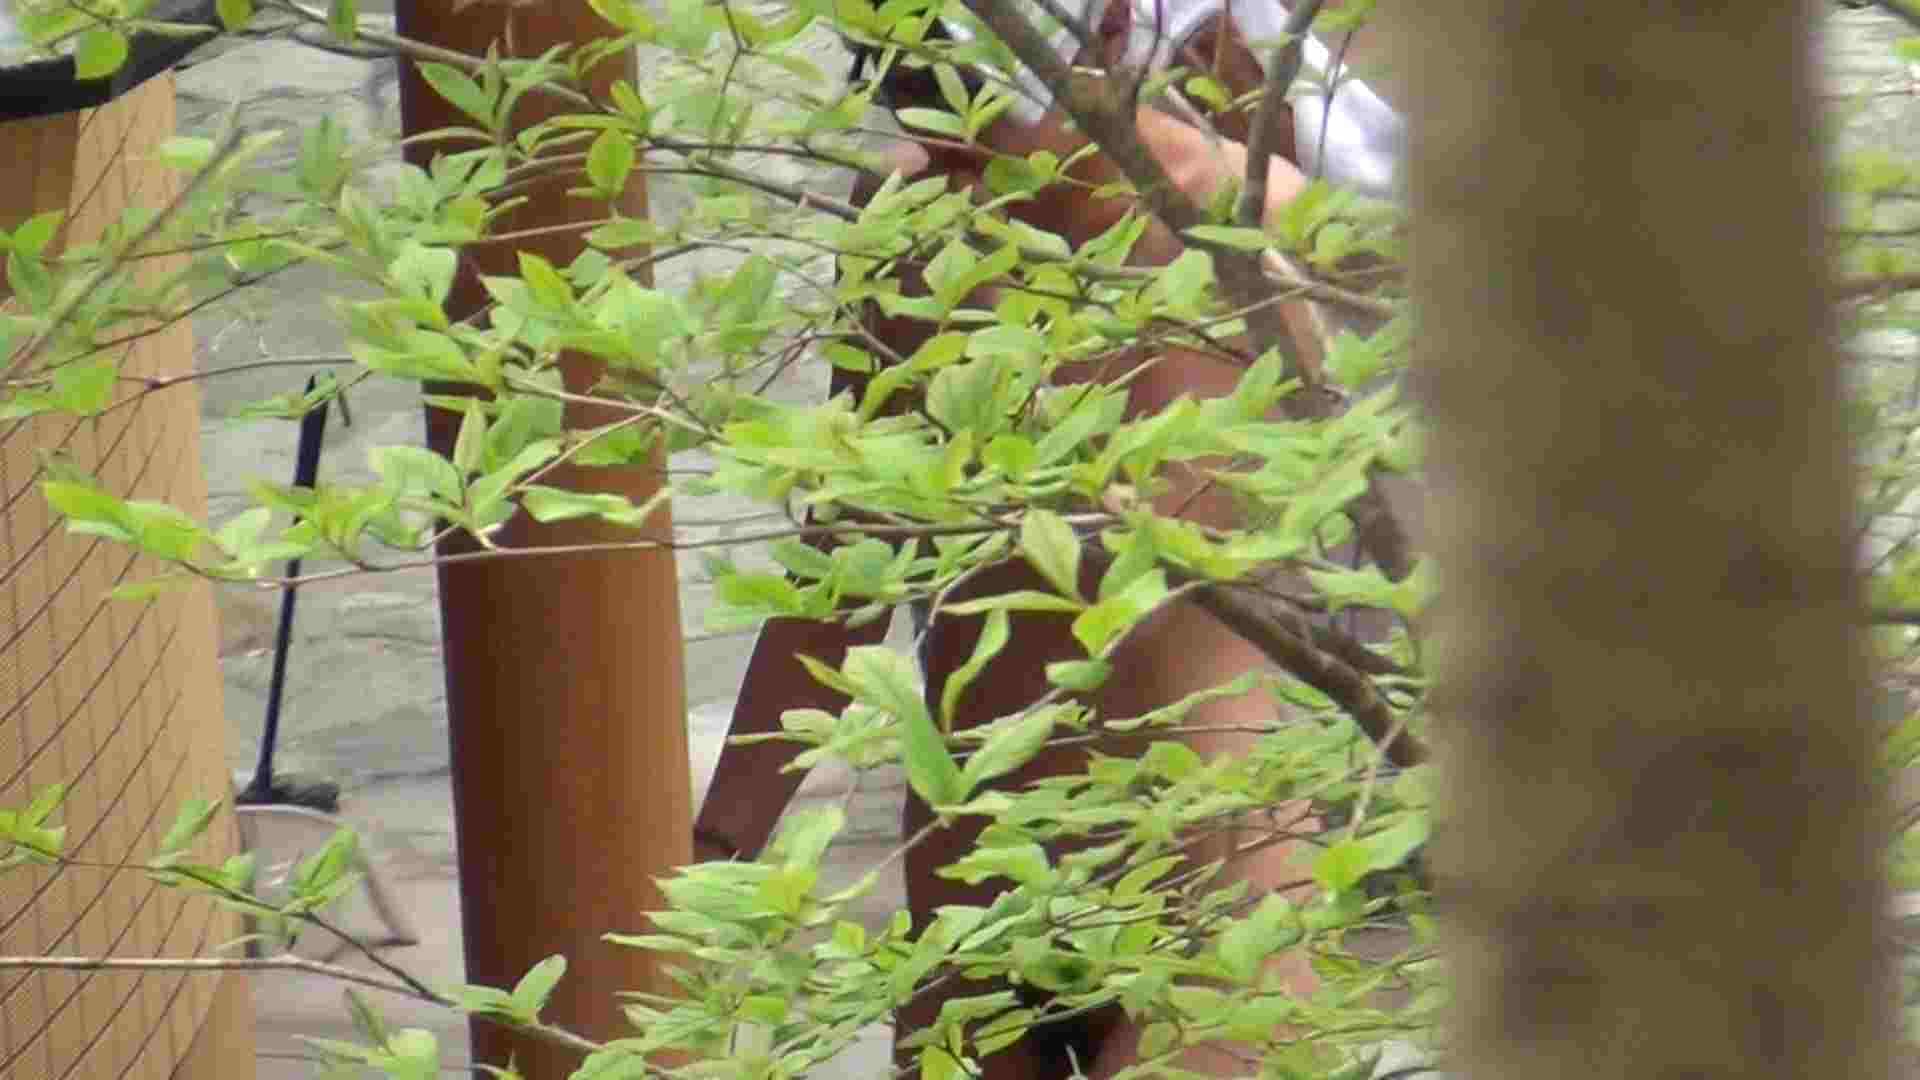 ハイビジョンVol.2 美女盛り合わせ No.2 潜伏露天風呂 盗撮アダルト動画キャプチャ 49pic 14